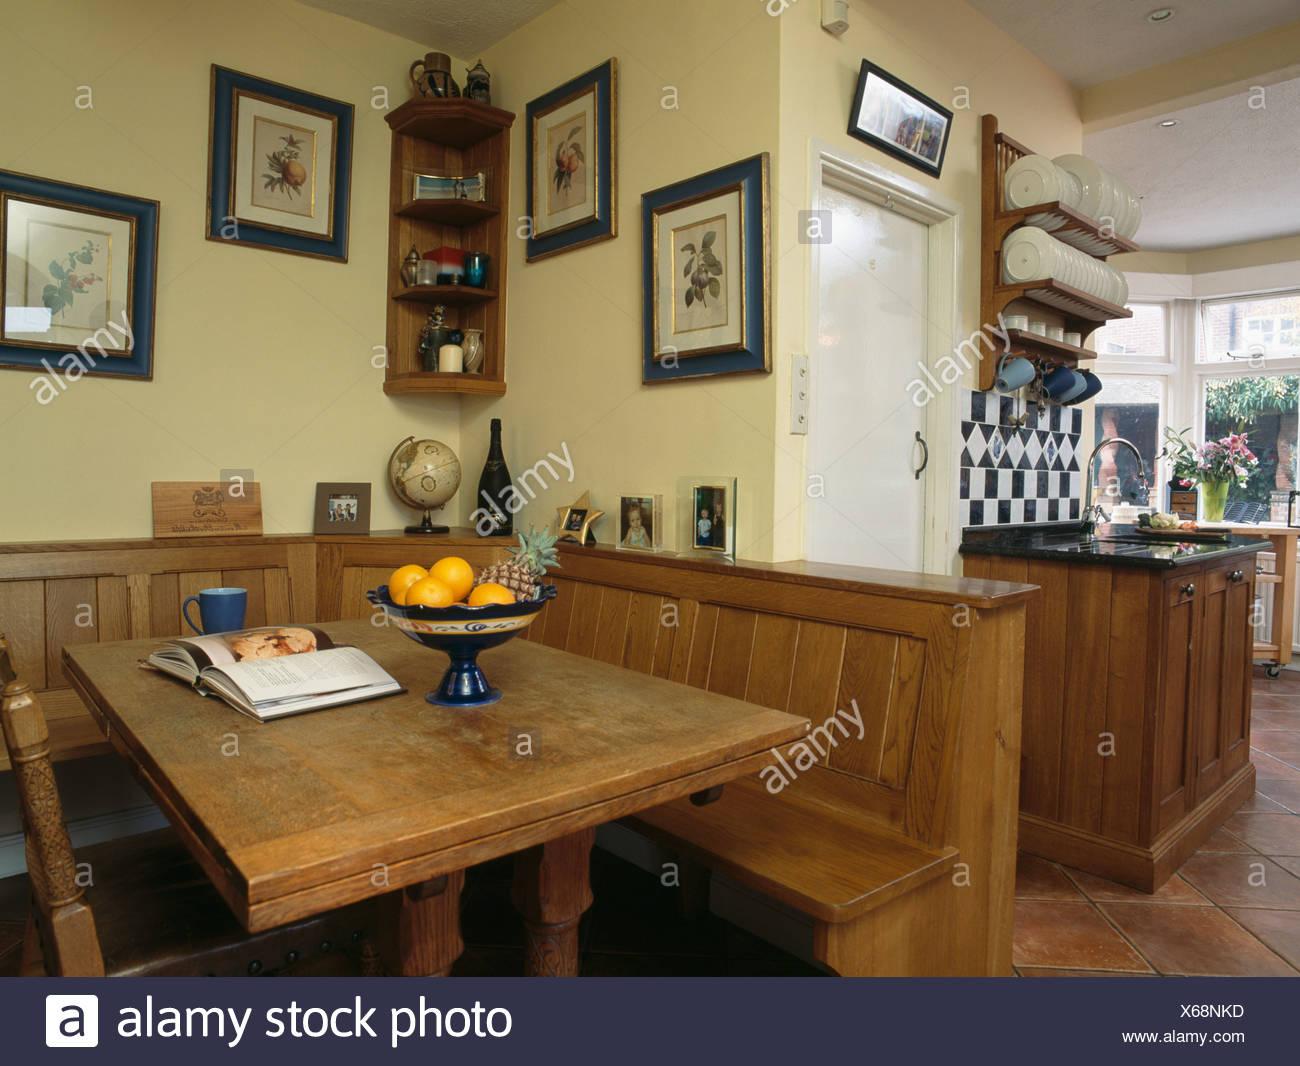 https www alamyimages fr table en bois et monte dans la banquette coin repas de grande cuisine de campagne image279246449 html